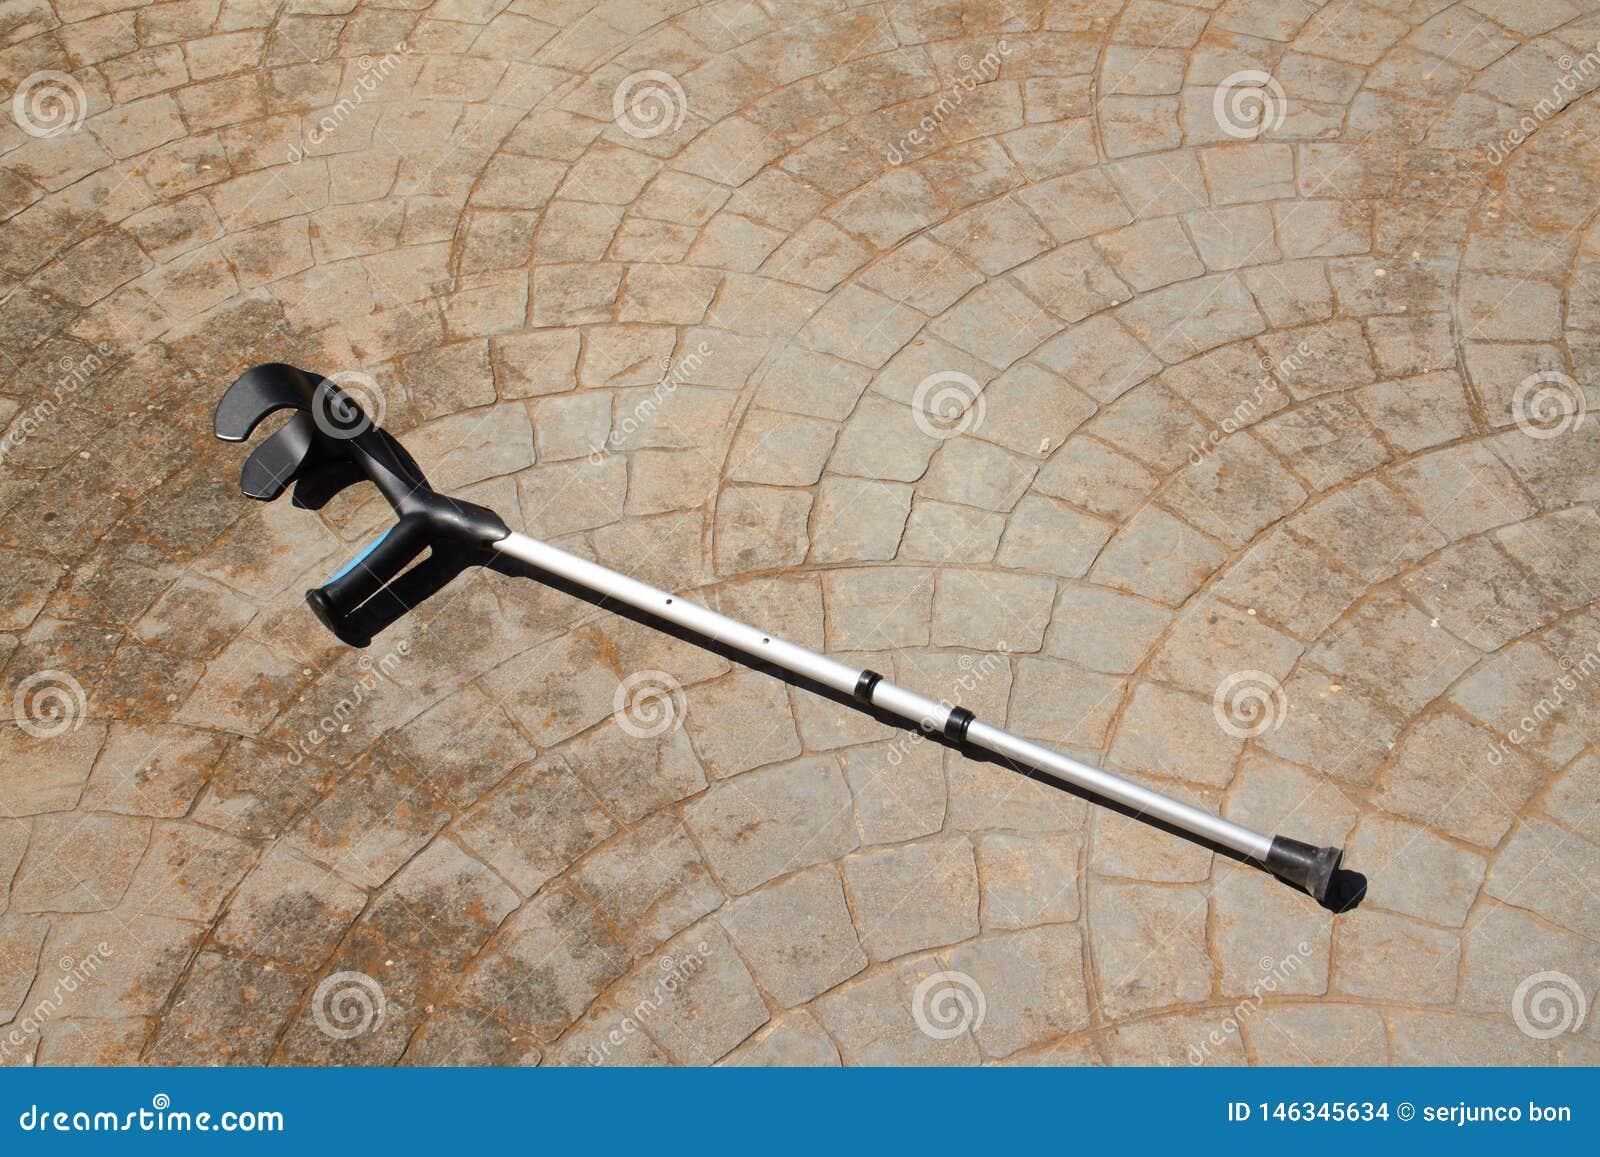 En enkel krycka på ett konkret golv som väntar på dess förlamade ägare